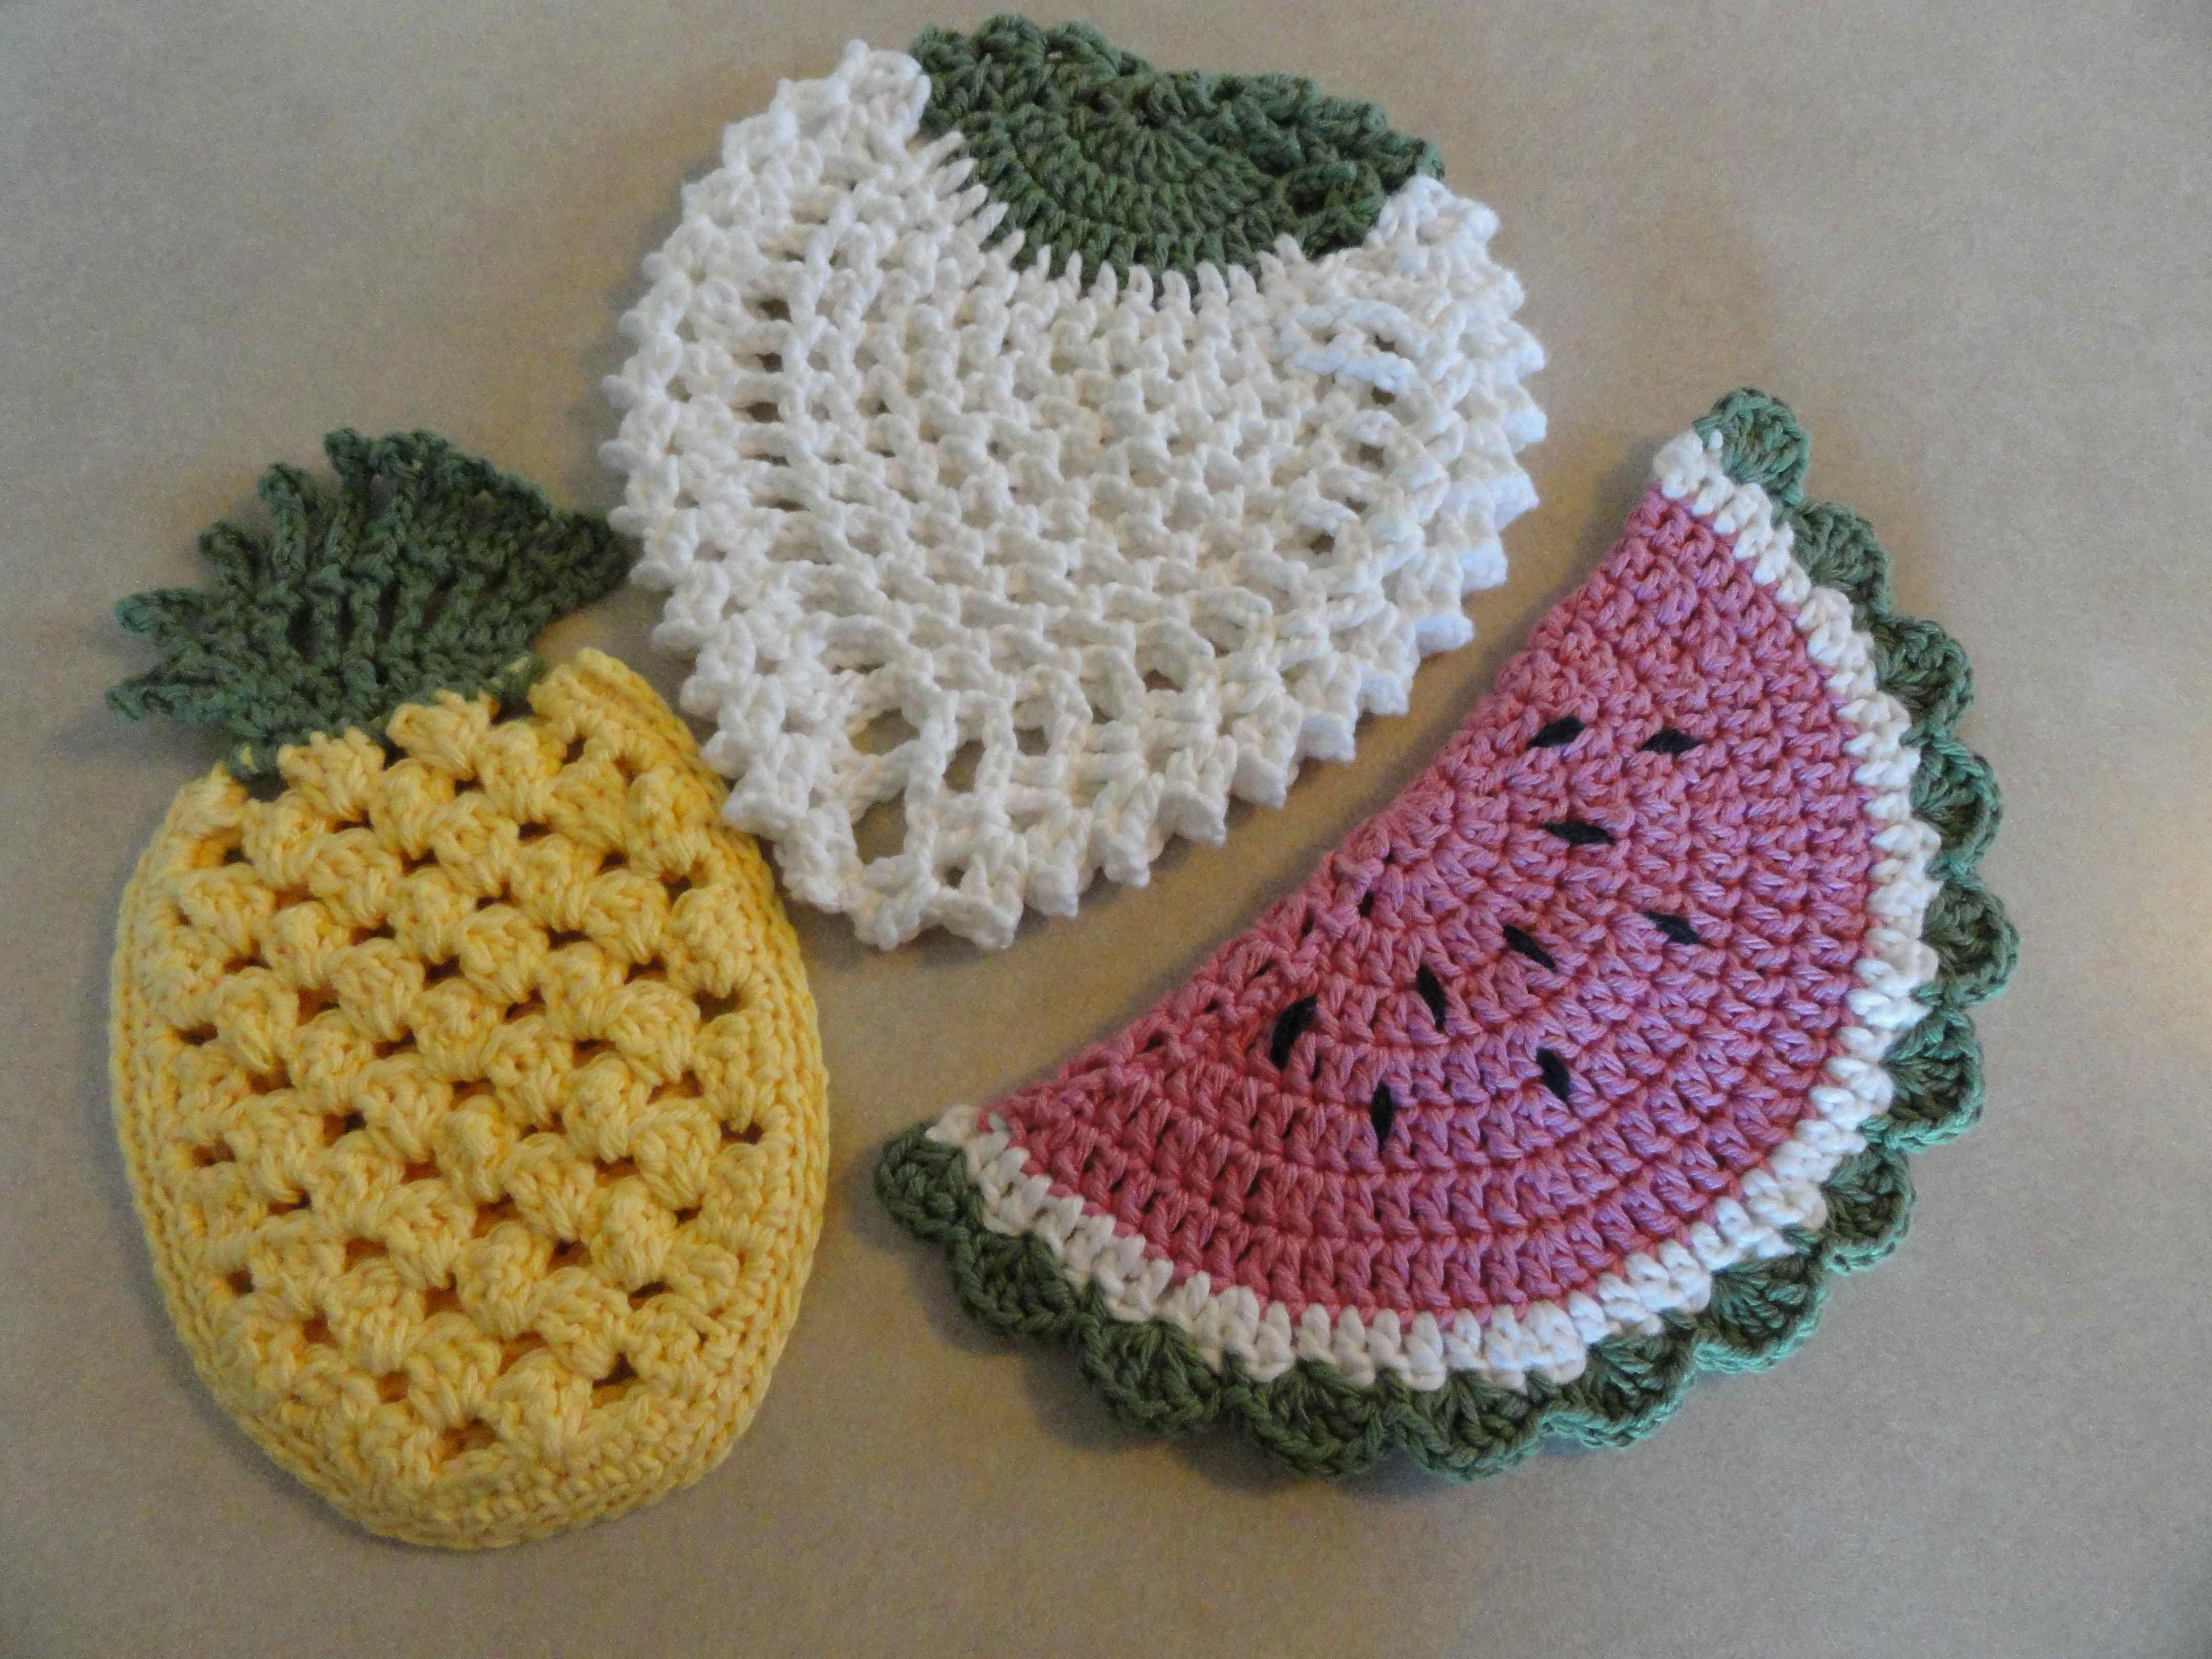 crochet:: hooker mojo found   Pinterest